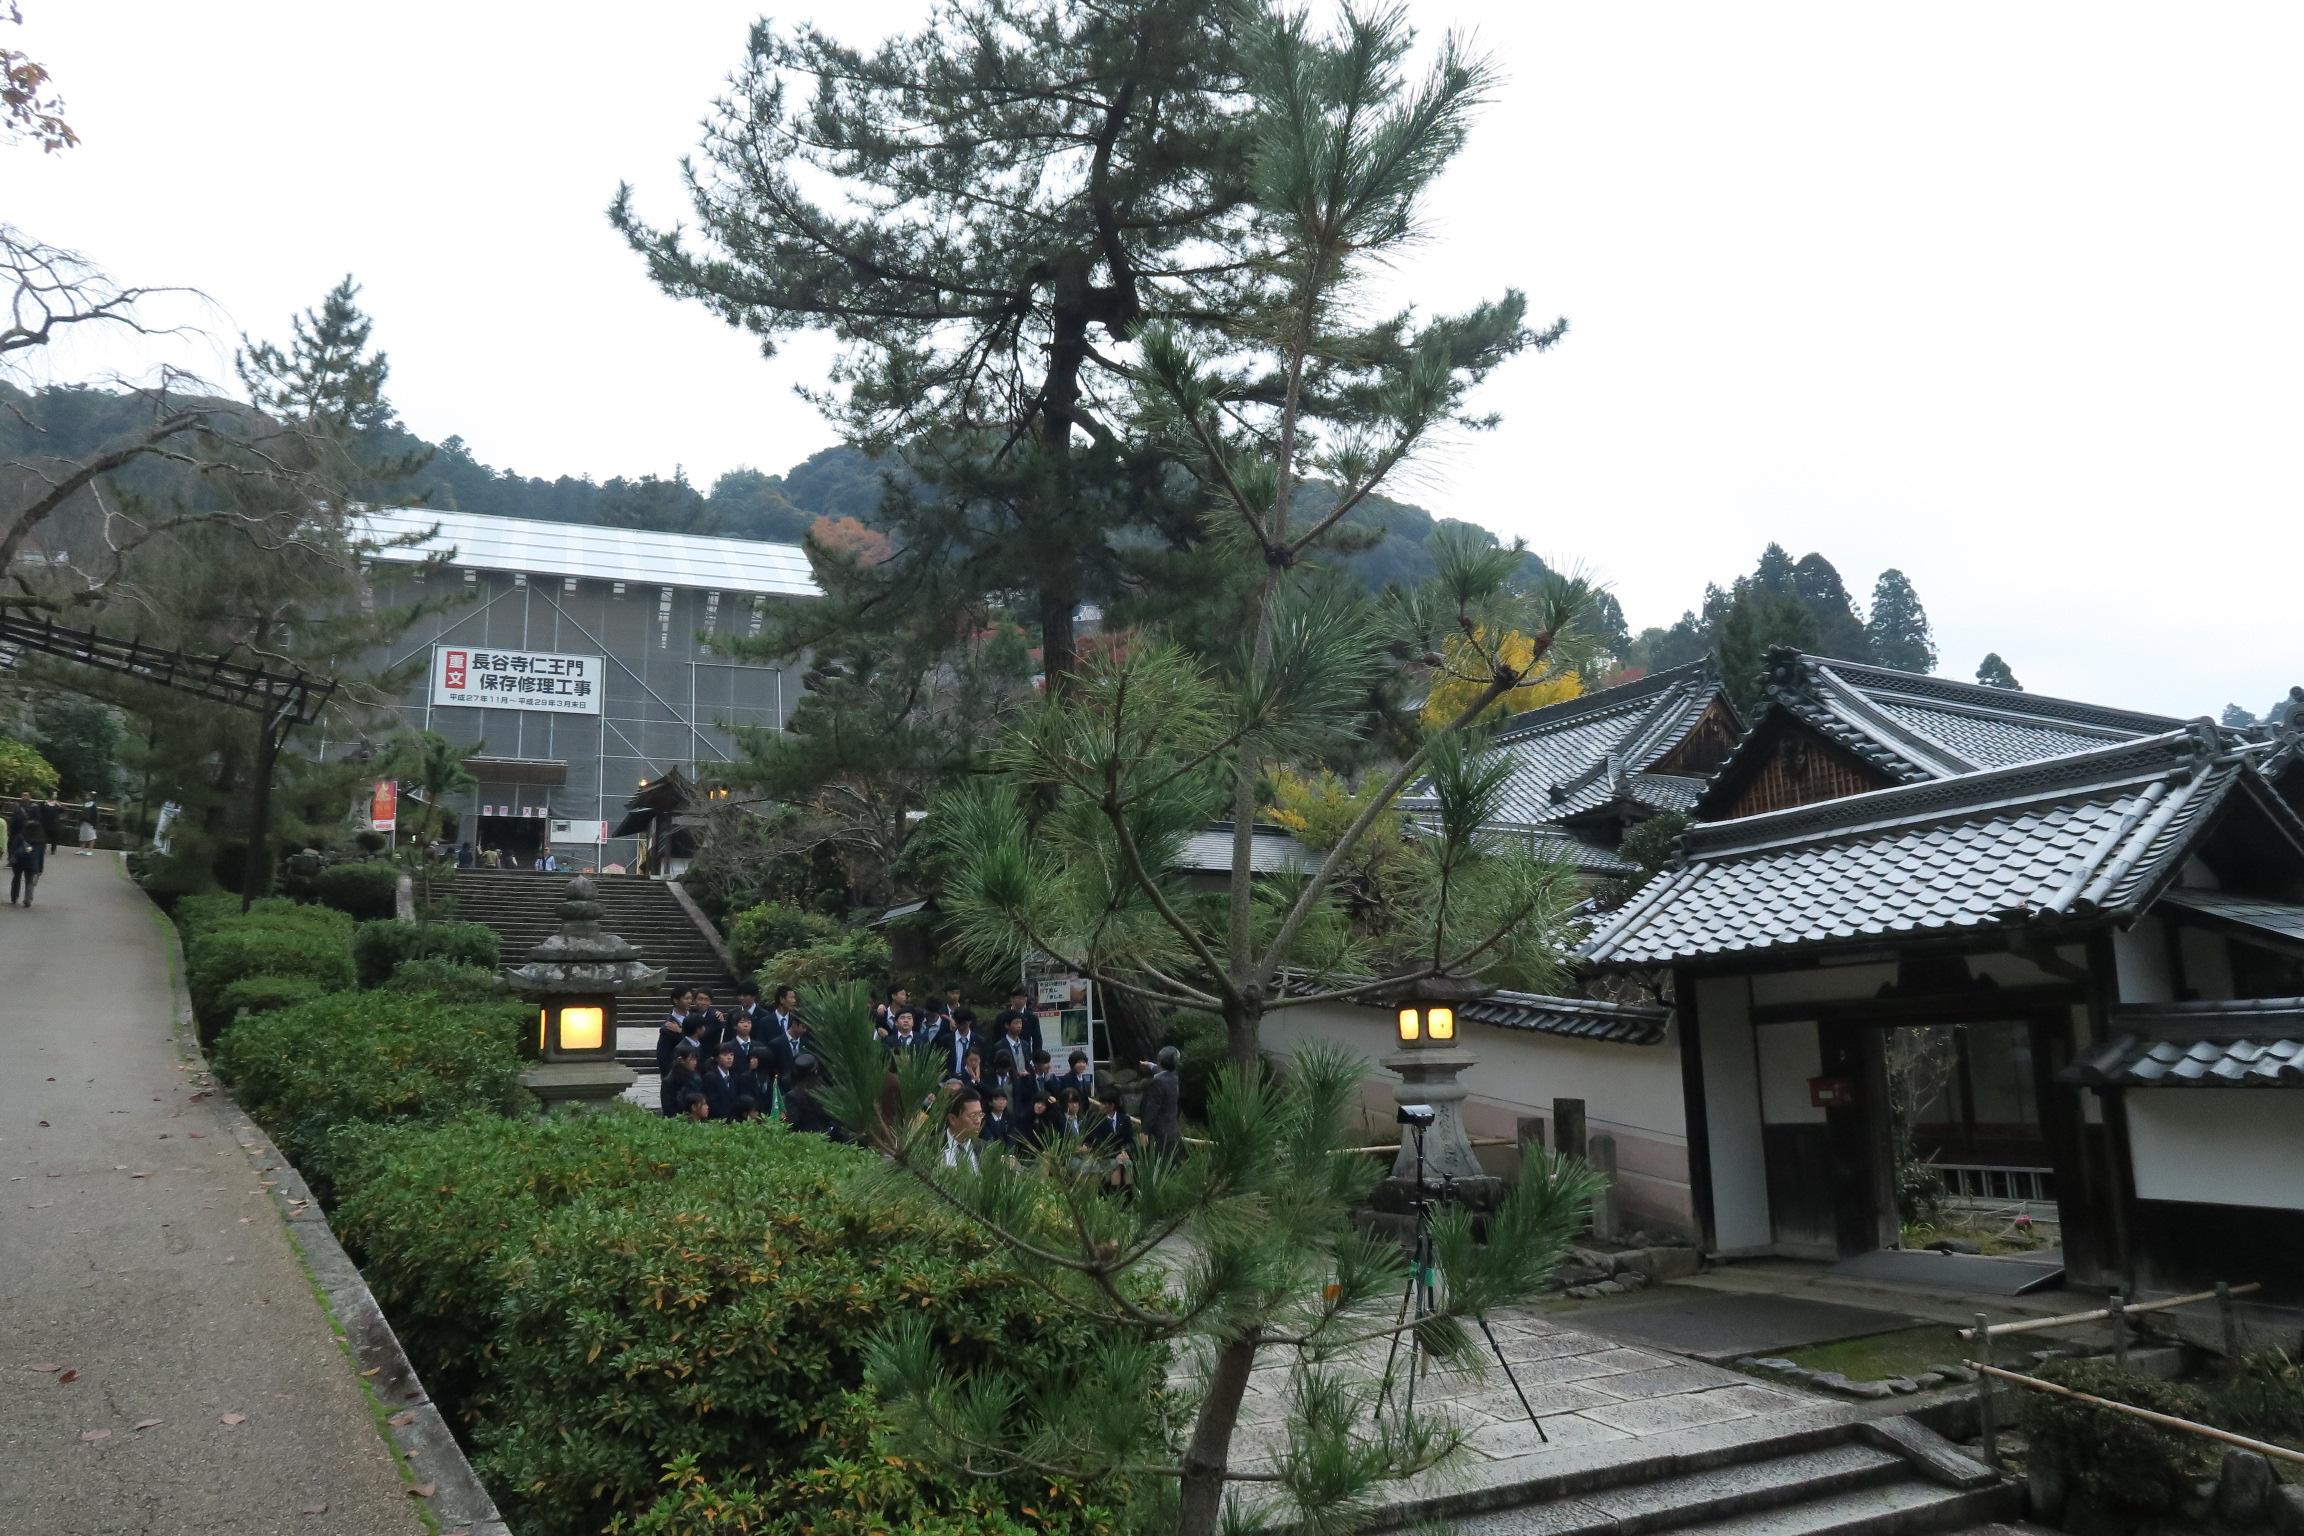 長谷寺仁王門は保存修理工事が行われていました。平成29年3月末までかかるそうです。